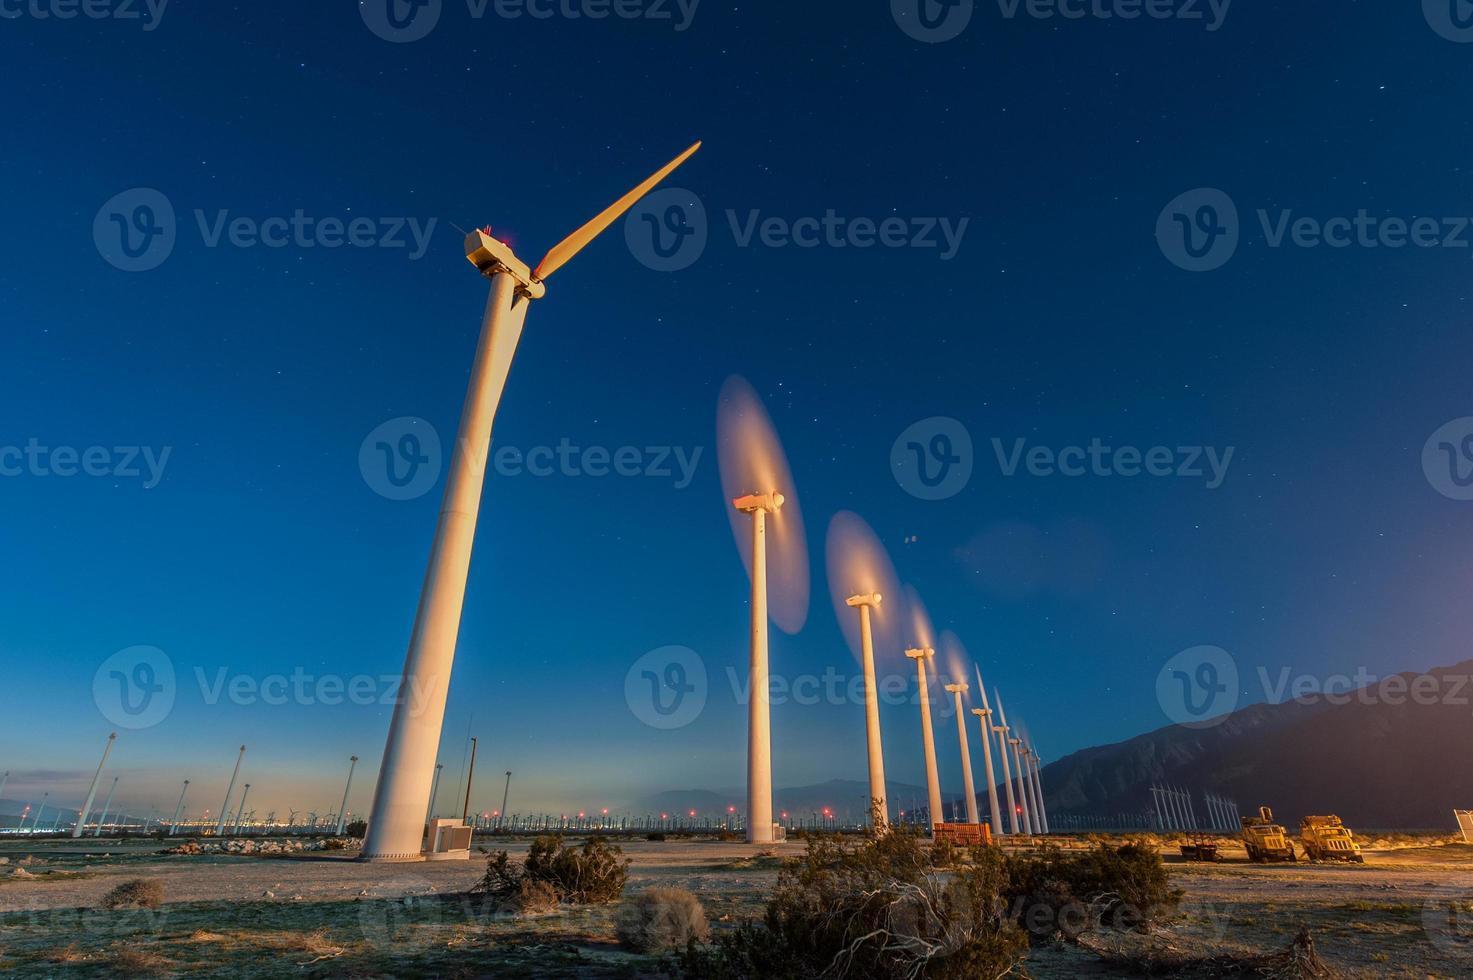 turbinas eólicas no deserto durante o nascer do sol foto